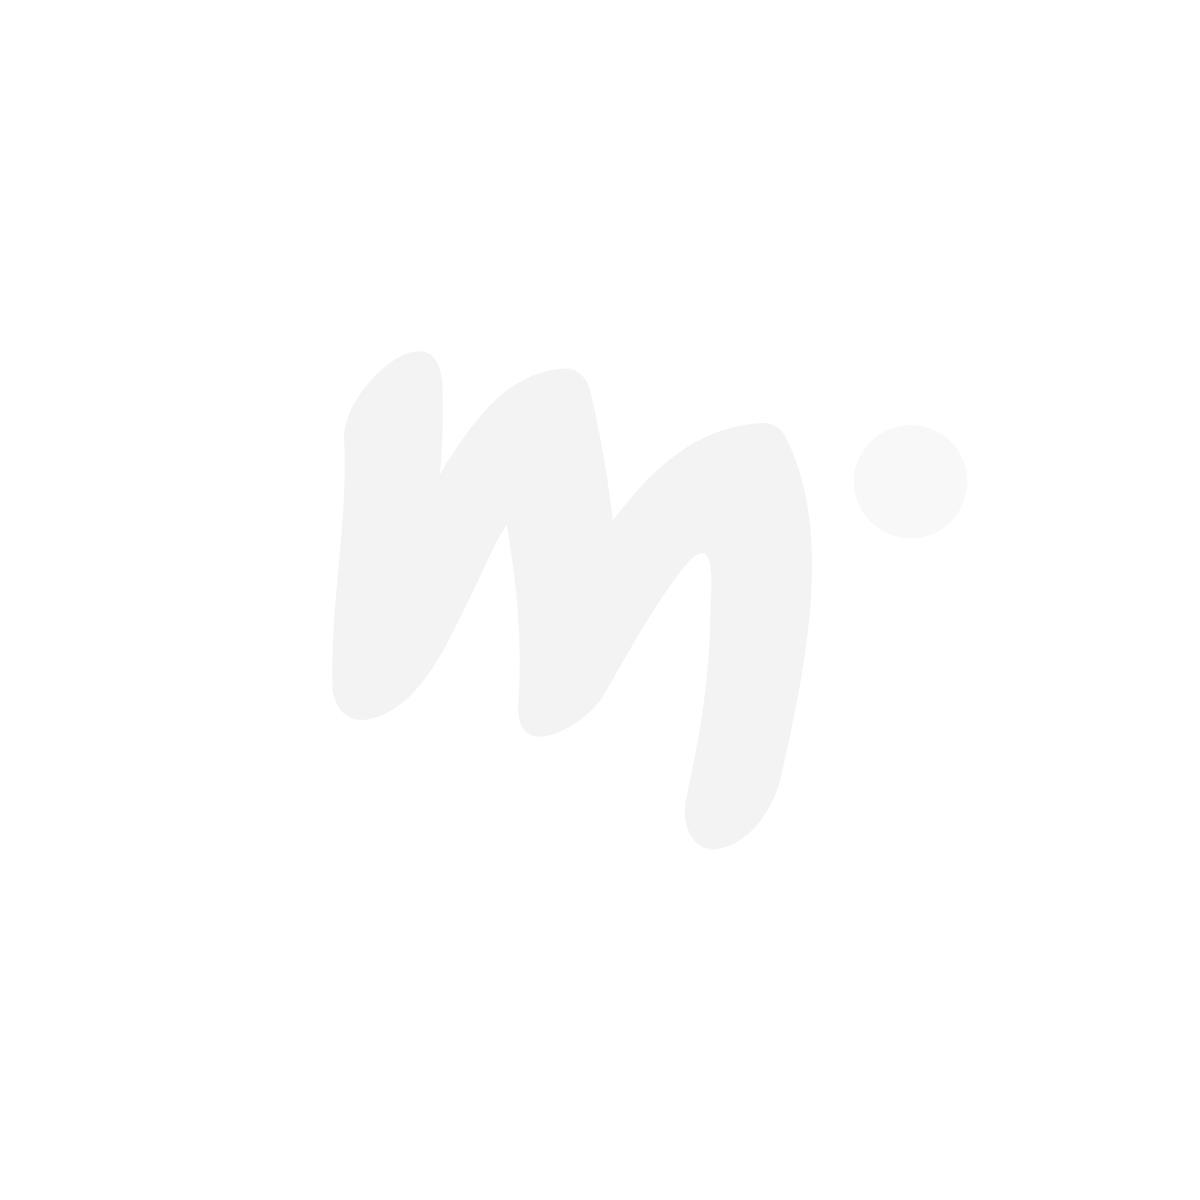 Koti Taalainhevonen-muki 2 kpl